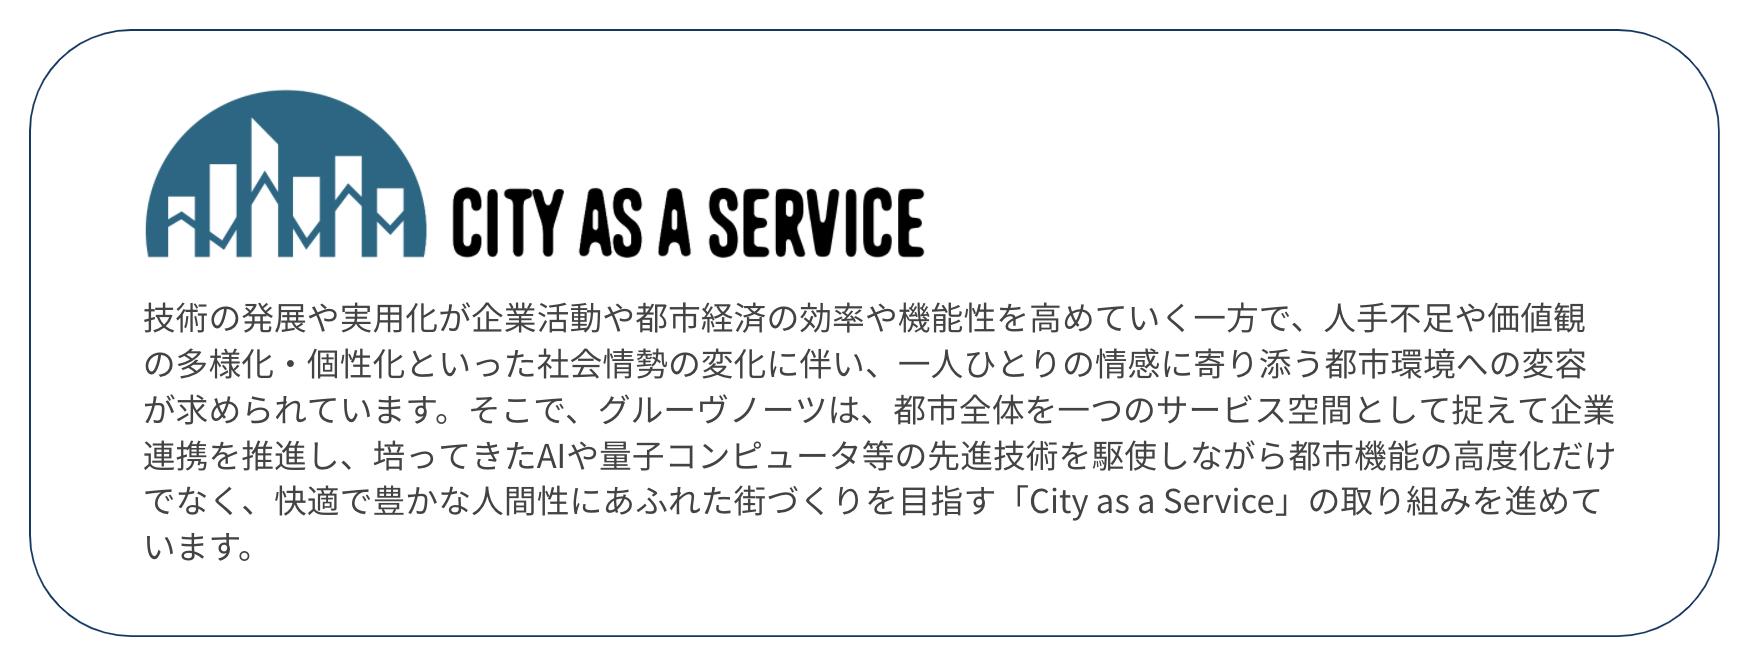 技術の発展や実用化が企業活動や都市経済の効率や機能性を高めていく一方で、人手不足や価値観の多様化・個性化といった社会情勢の変化に伴い、一人ひとりの情感に寄り添う都市環境への変容が求められています。そこで、グルーヴノーツは、都市全体を一つのサービス空間として捉えて企業連携を推進し、培ってきたAIや量子コンピュータ等の先進技術を駆使しながら都市機能の高度化だけでなく、快適で豊かな人間性にあふれた街づくりを目指す「City as a Service」の取り組みを進めています。